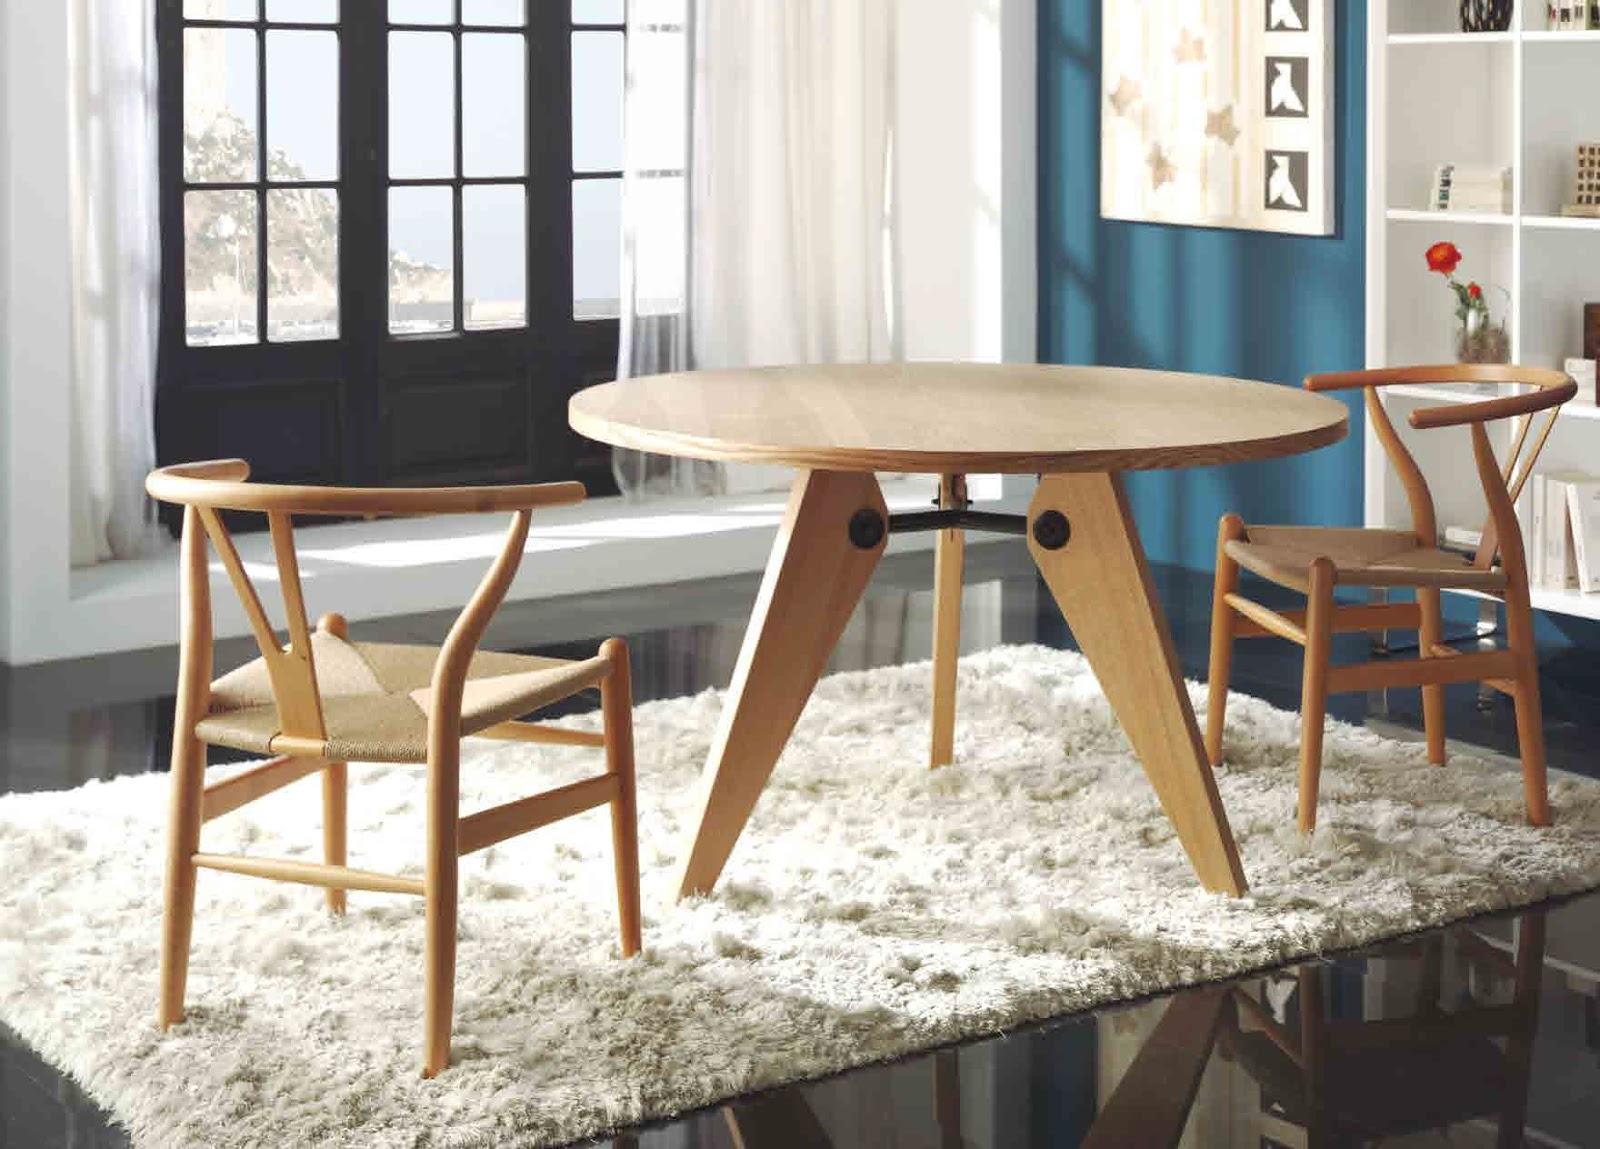 Tienda muebles modernos muebles de salon modernos salones de dise o madrid muebles estilo nordico - Muebles nordicos ...